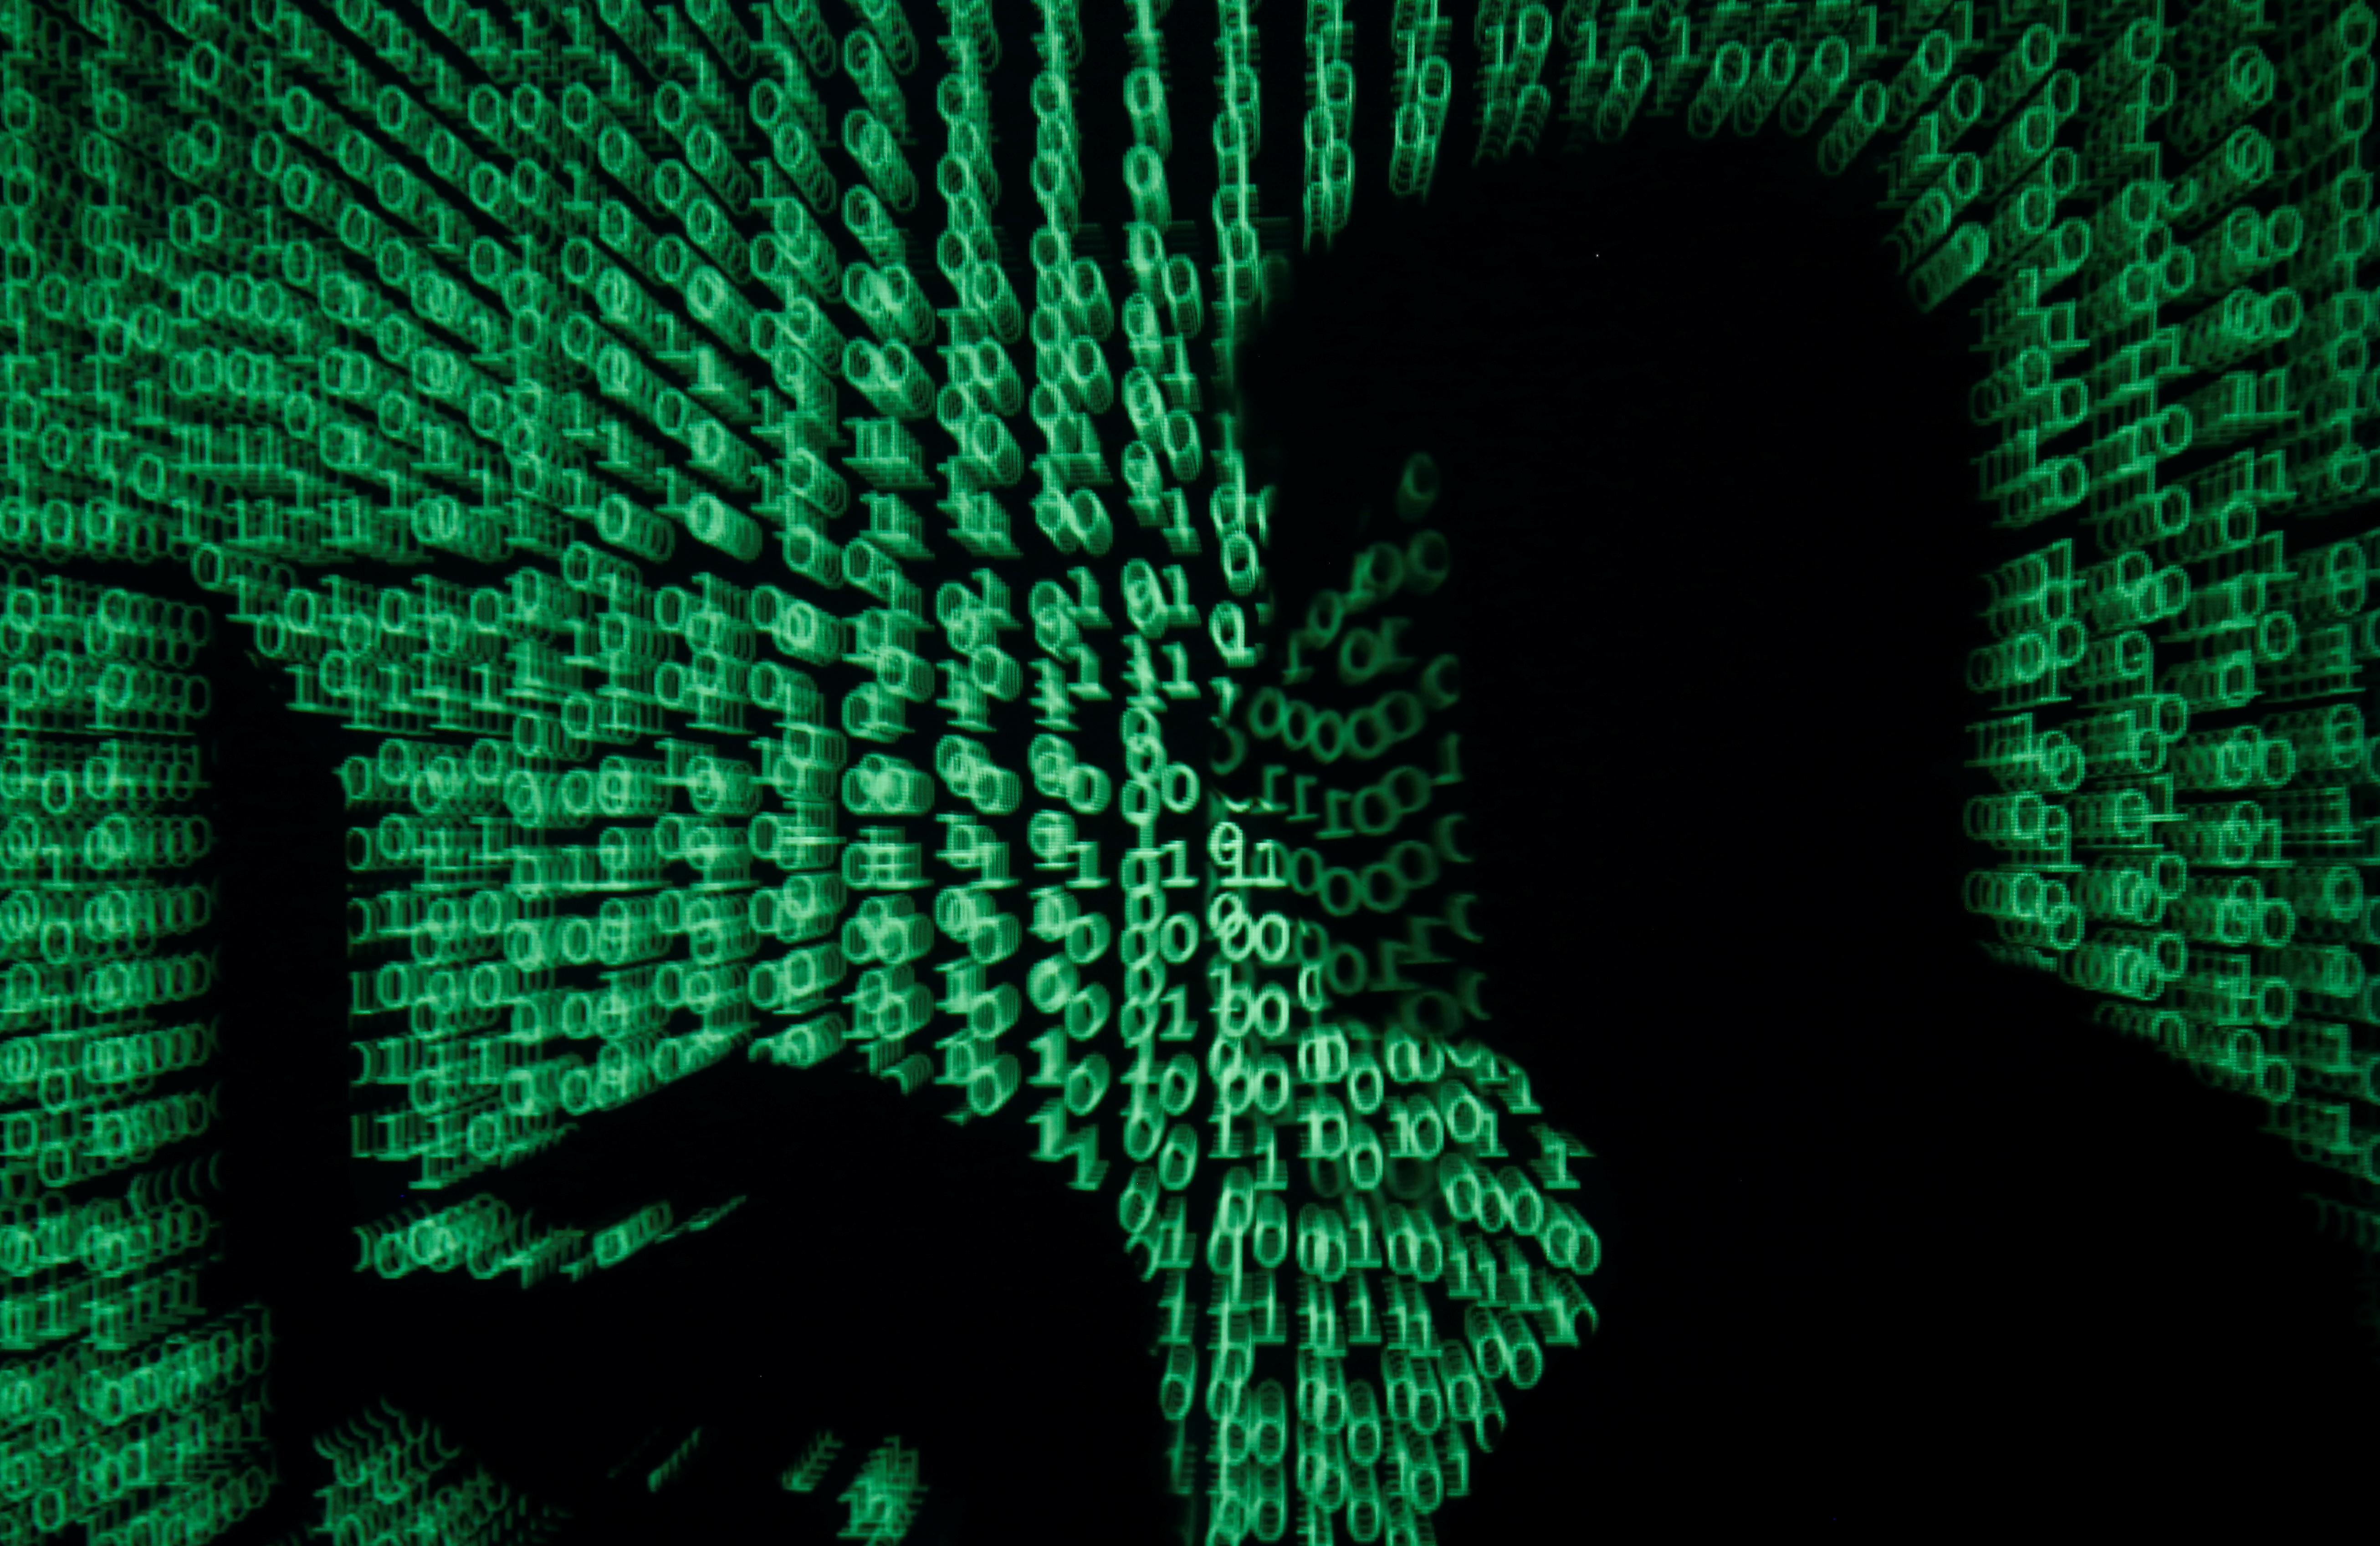 le-cout-d-une-cyberattaque-mondiale-irait-de-85-a-193-milliards-de-dollars